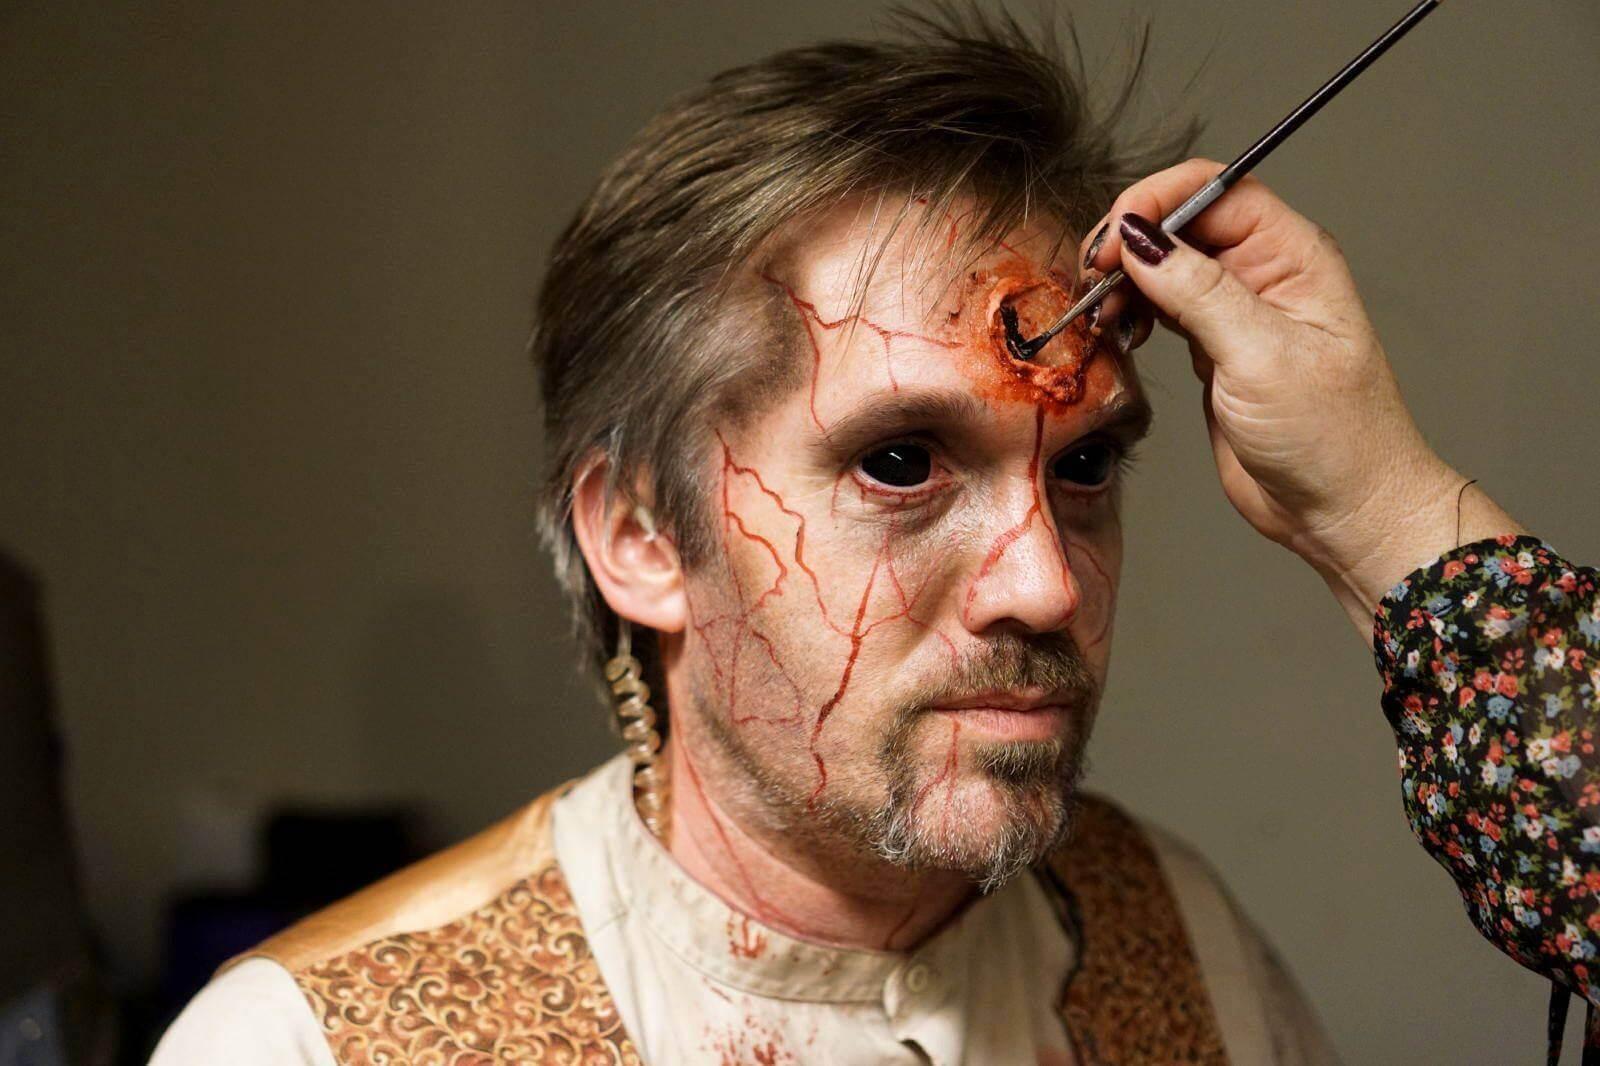 volunteer actors makeup jobs heartstoppers